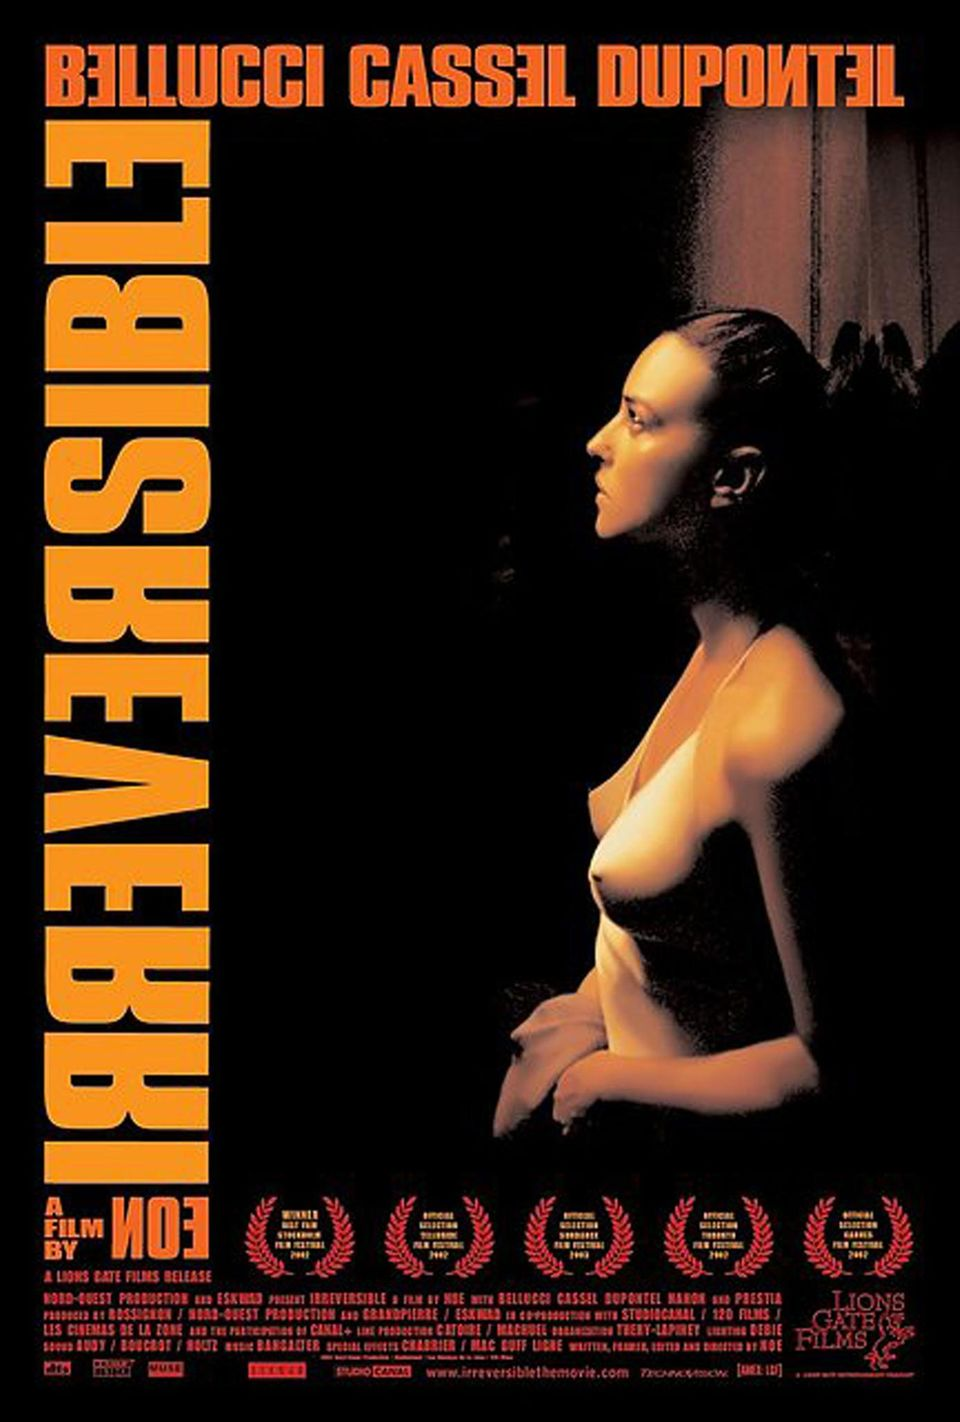 """Für den verstörenden Film """"Irreversibel"""" mit Monica Bellucci, in dem eine Vergewaltigung sehr explizit gezeigt wird, wirbt der Verleih mit diesem fast sinnlichen Plakat."""